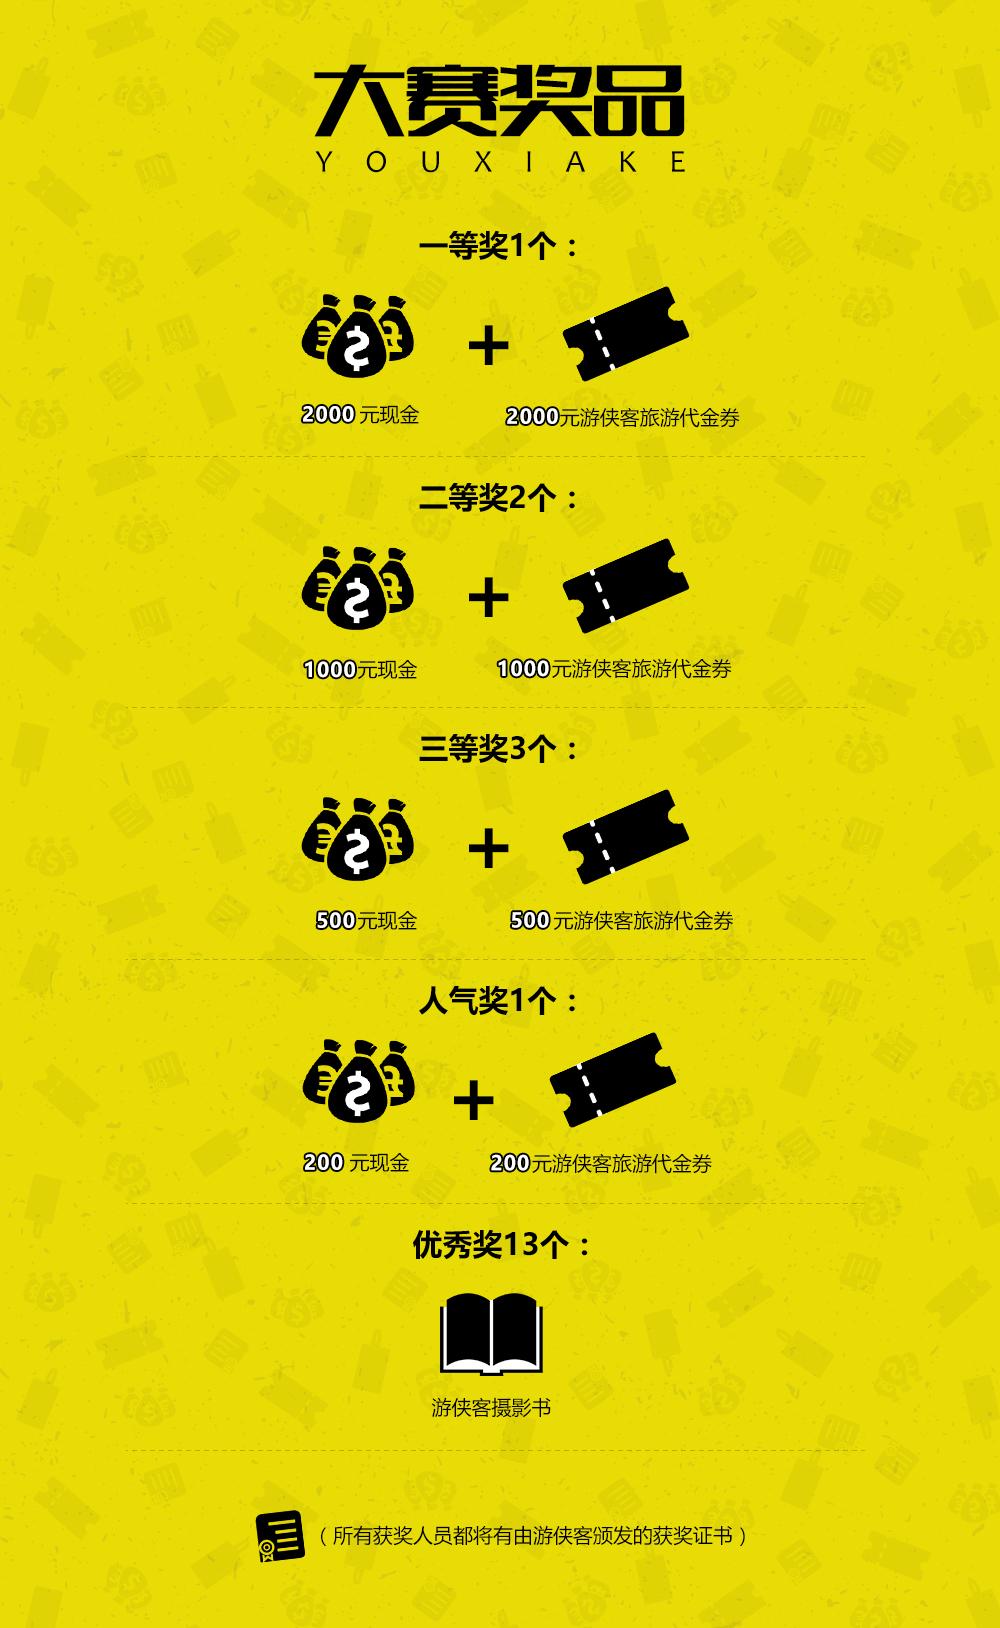 坝上摄影大赛奖品图.jpg